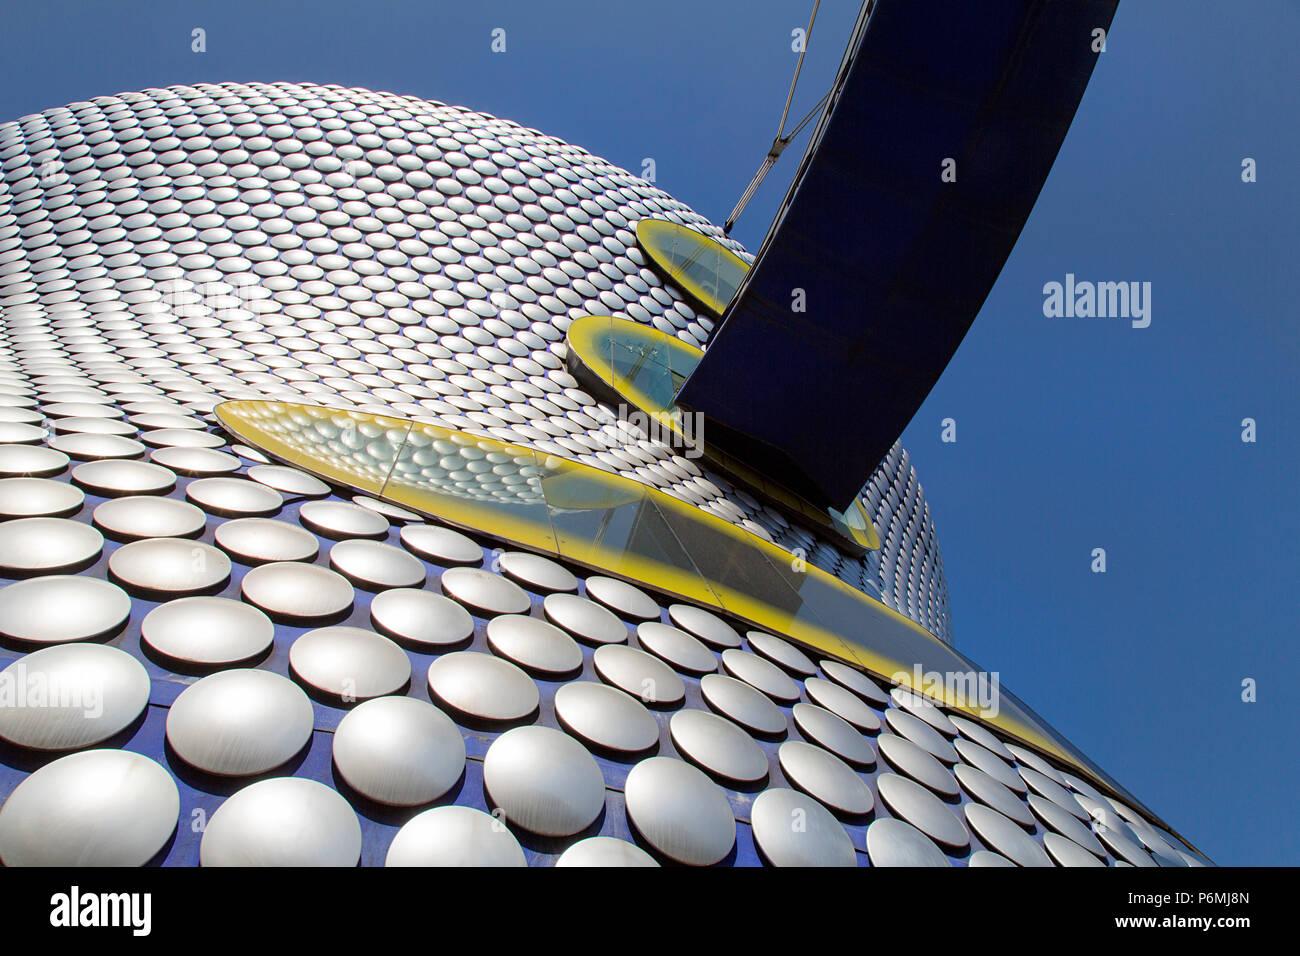 Birmingham, UK: 29 Juin 2018: Selfridges est l'un des plus caractéristiques de la ville de Birmingham et de monuments célèbres et une partie de la centre commercial Bullring. Photo Stock